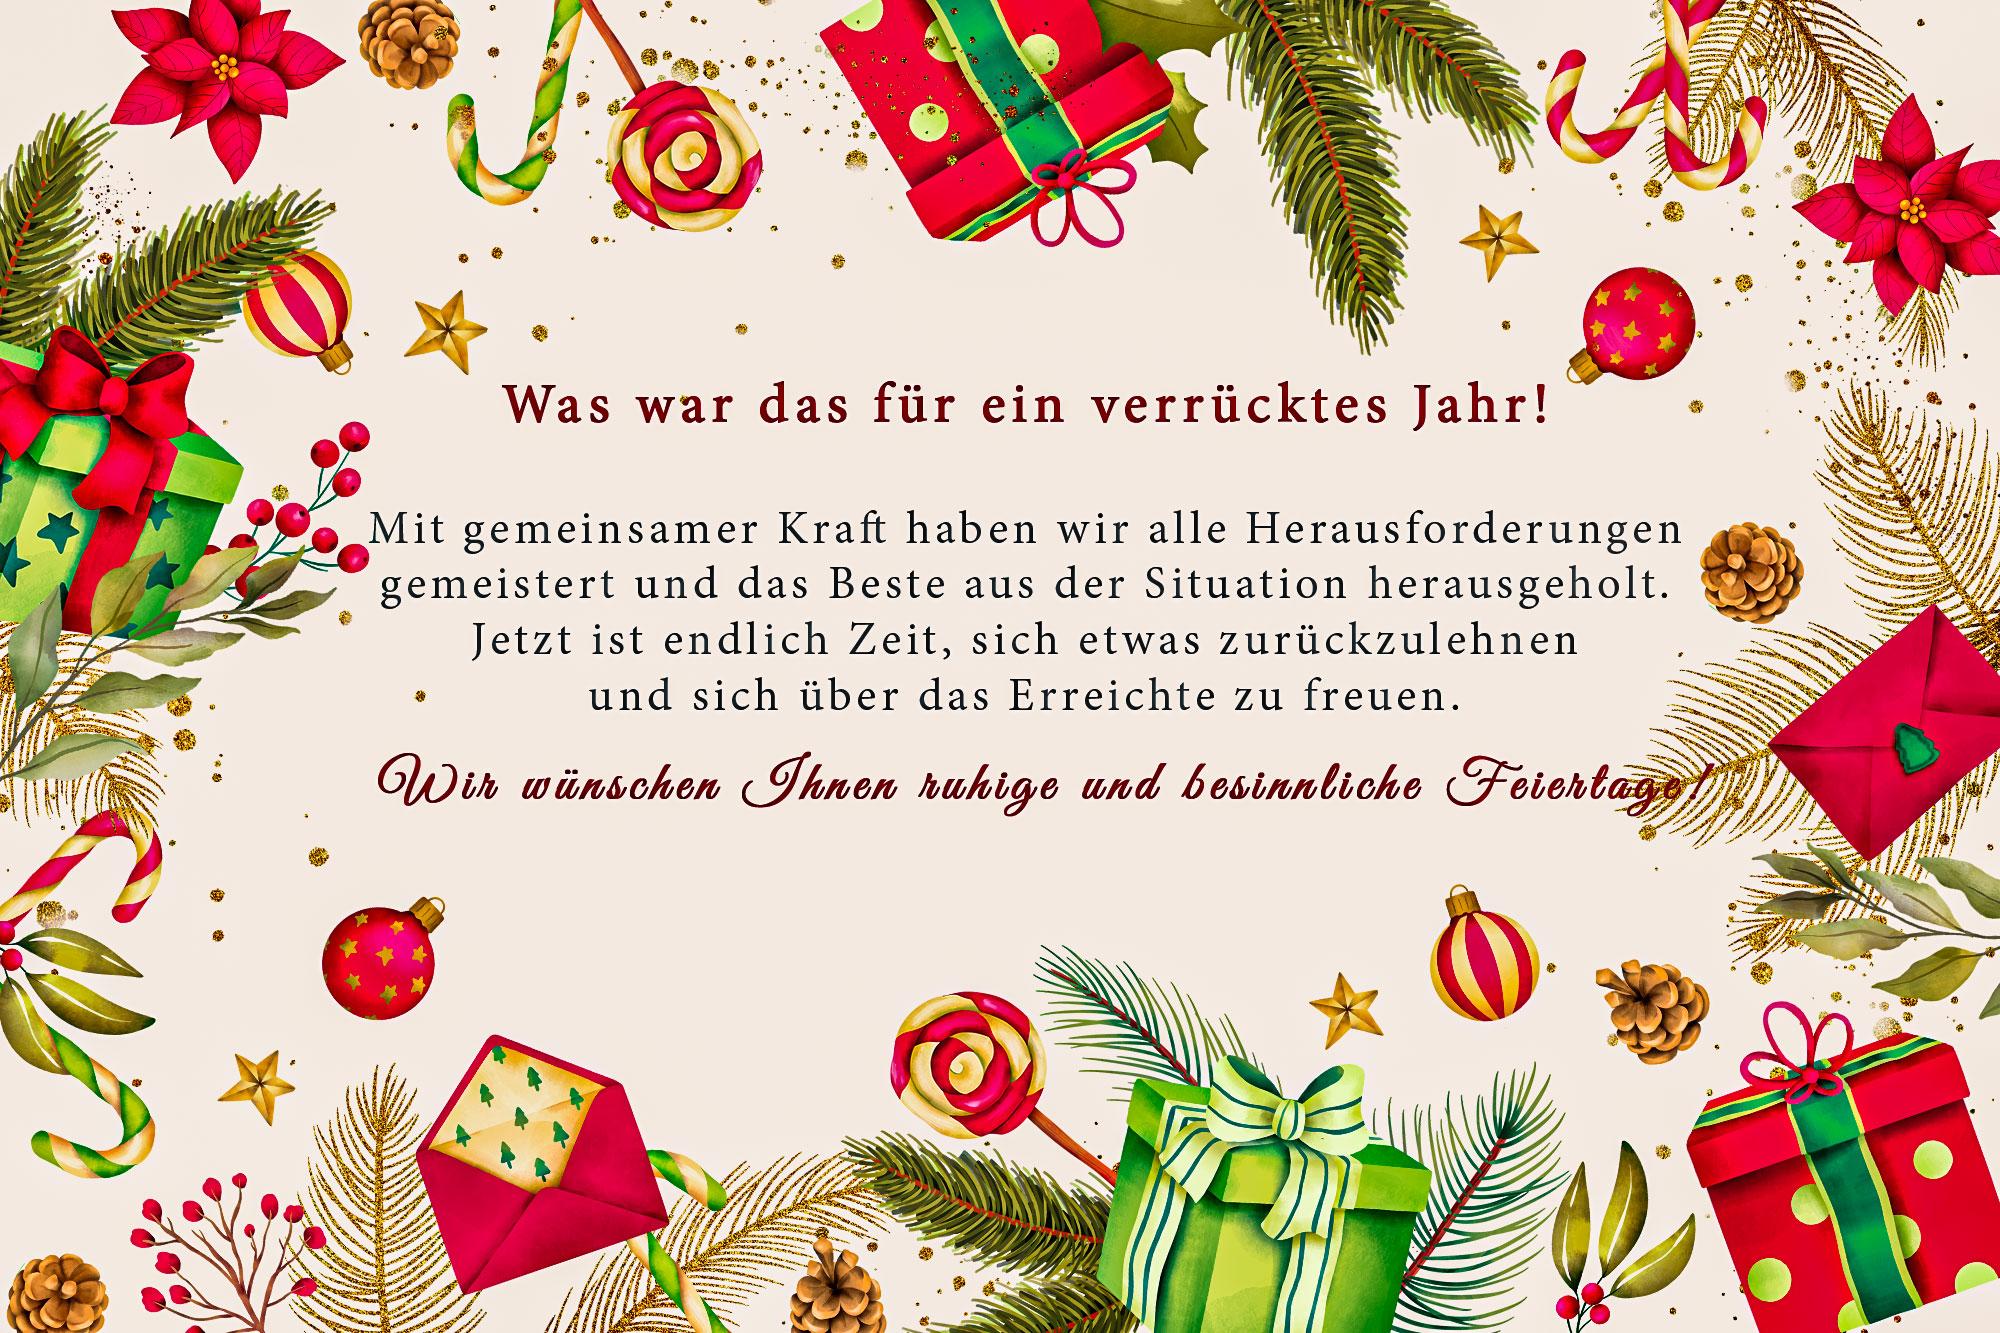 Weihnachtsgrüsse-Elektro-Müller